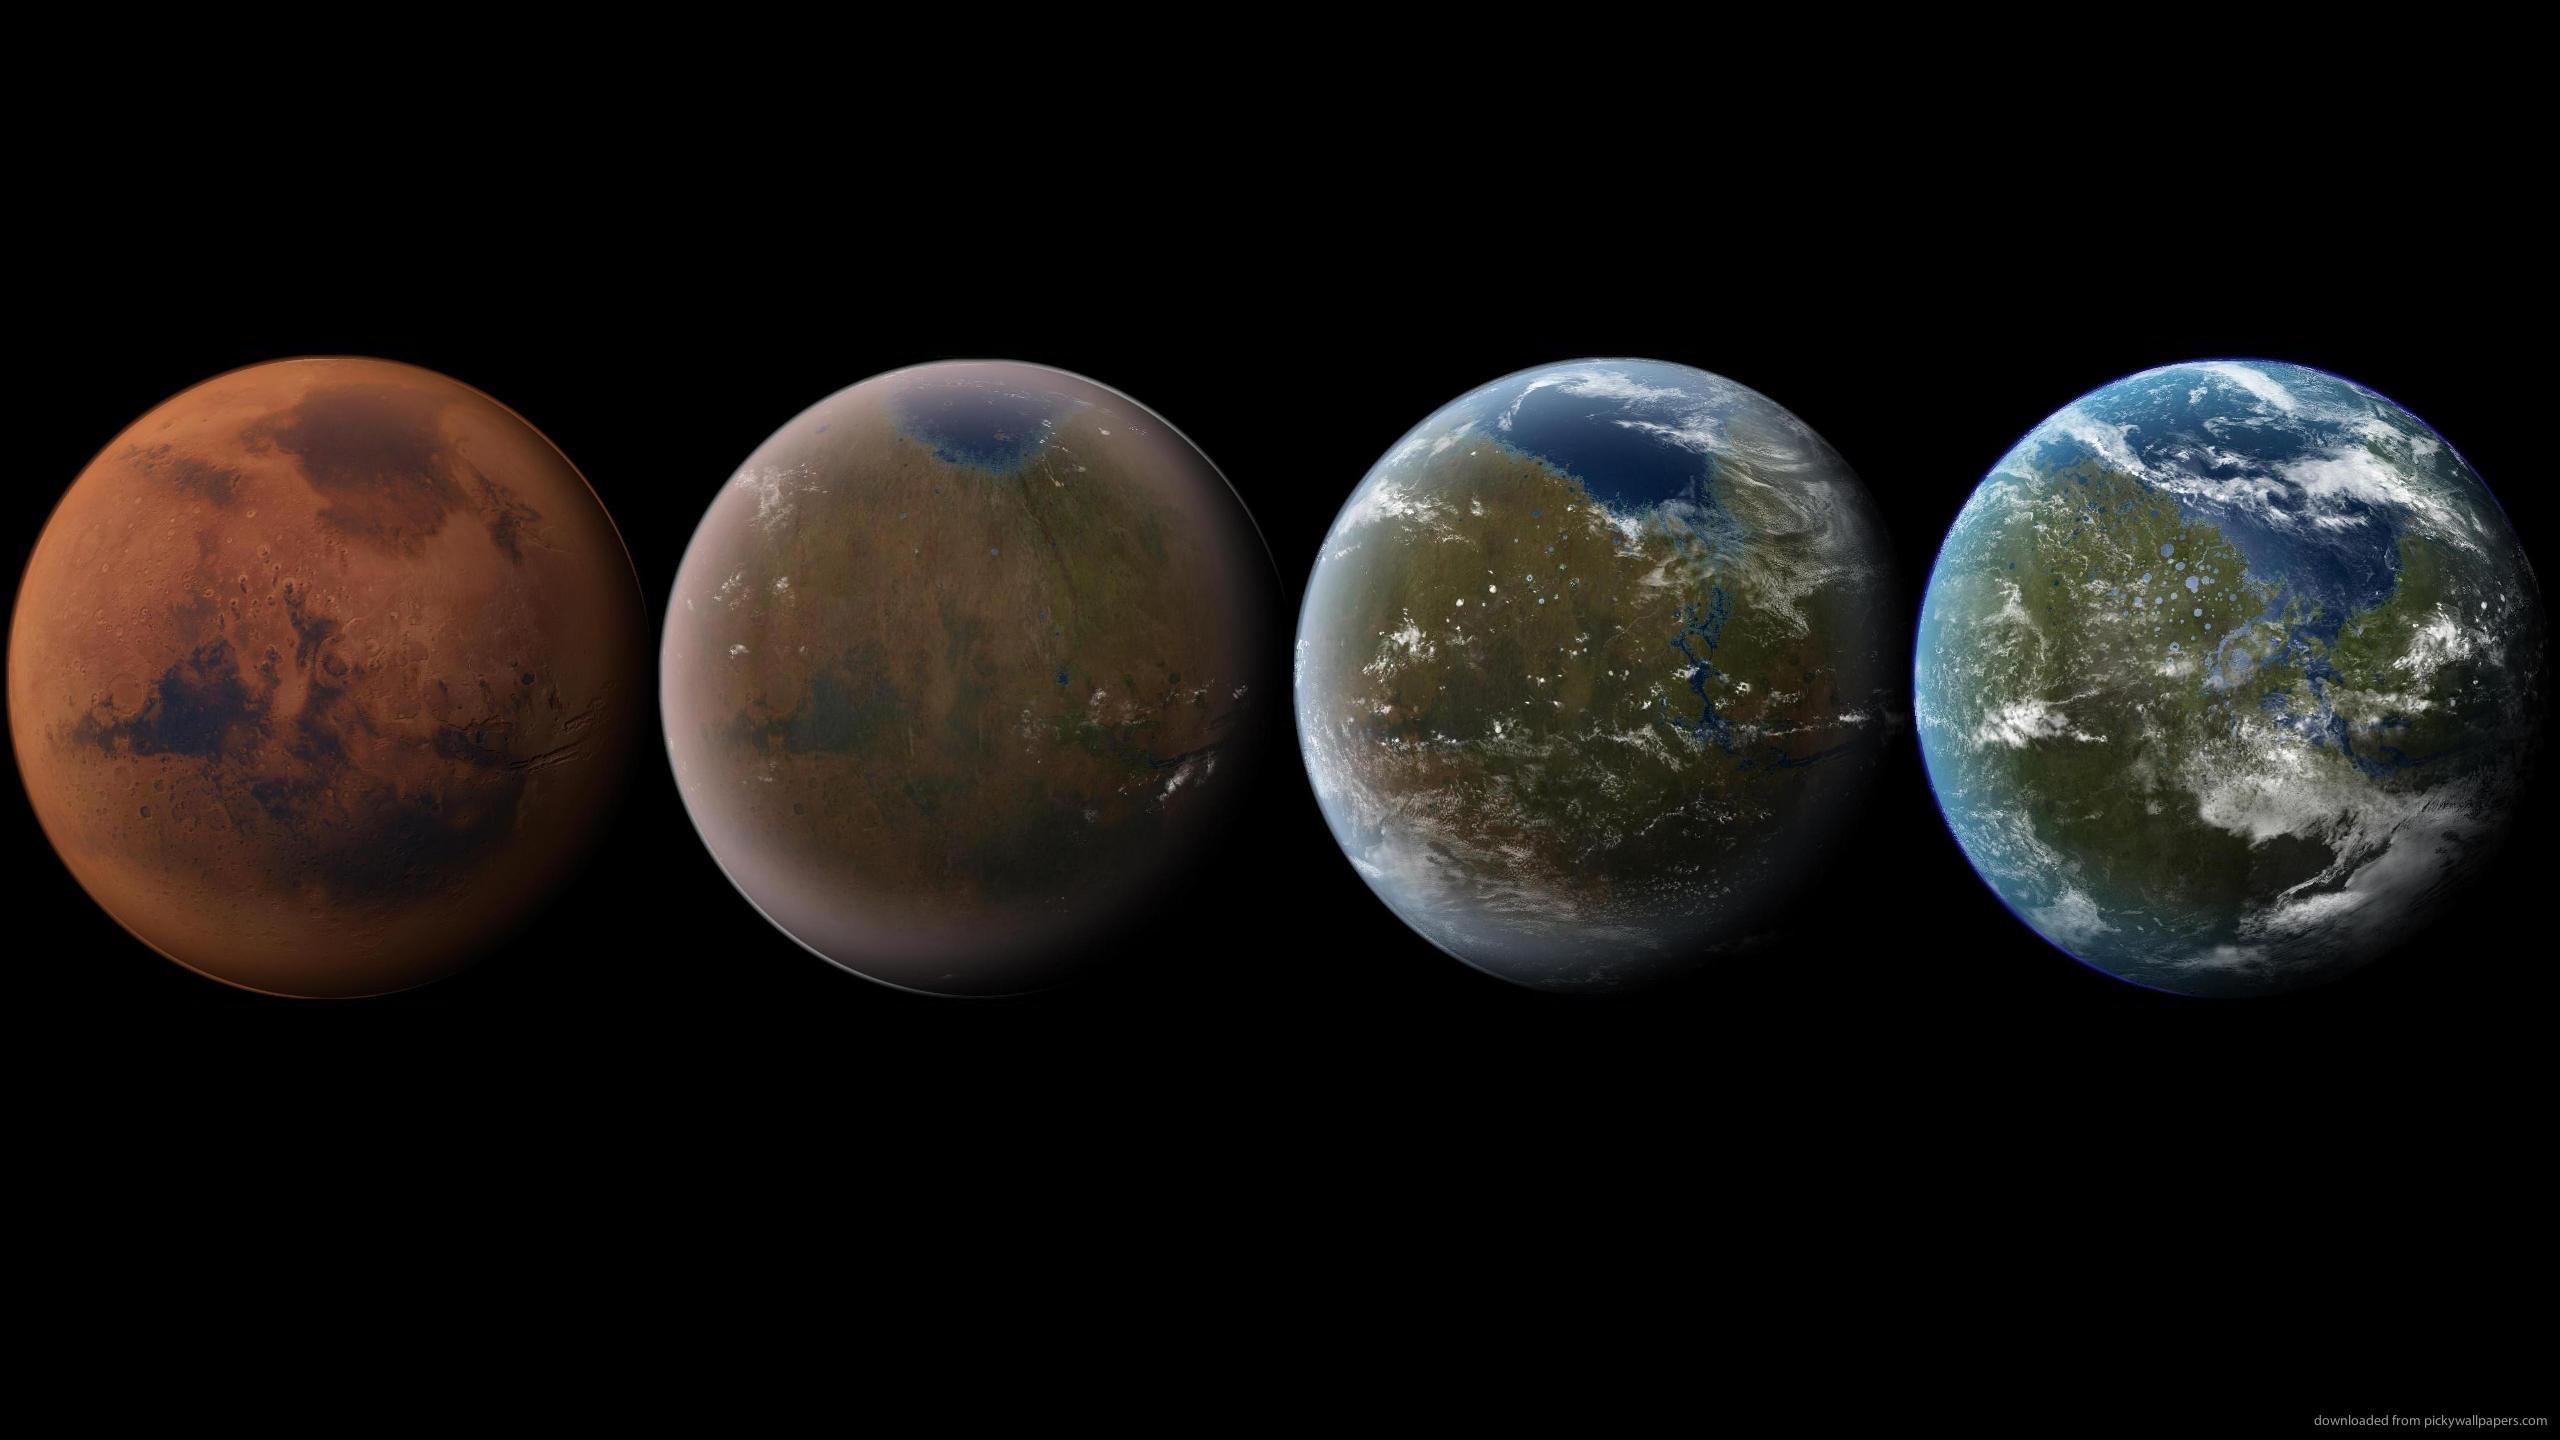 Download 2560x1440 Mars Terraforming Wallpaper